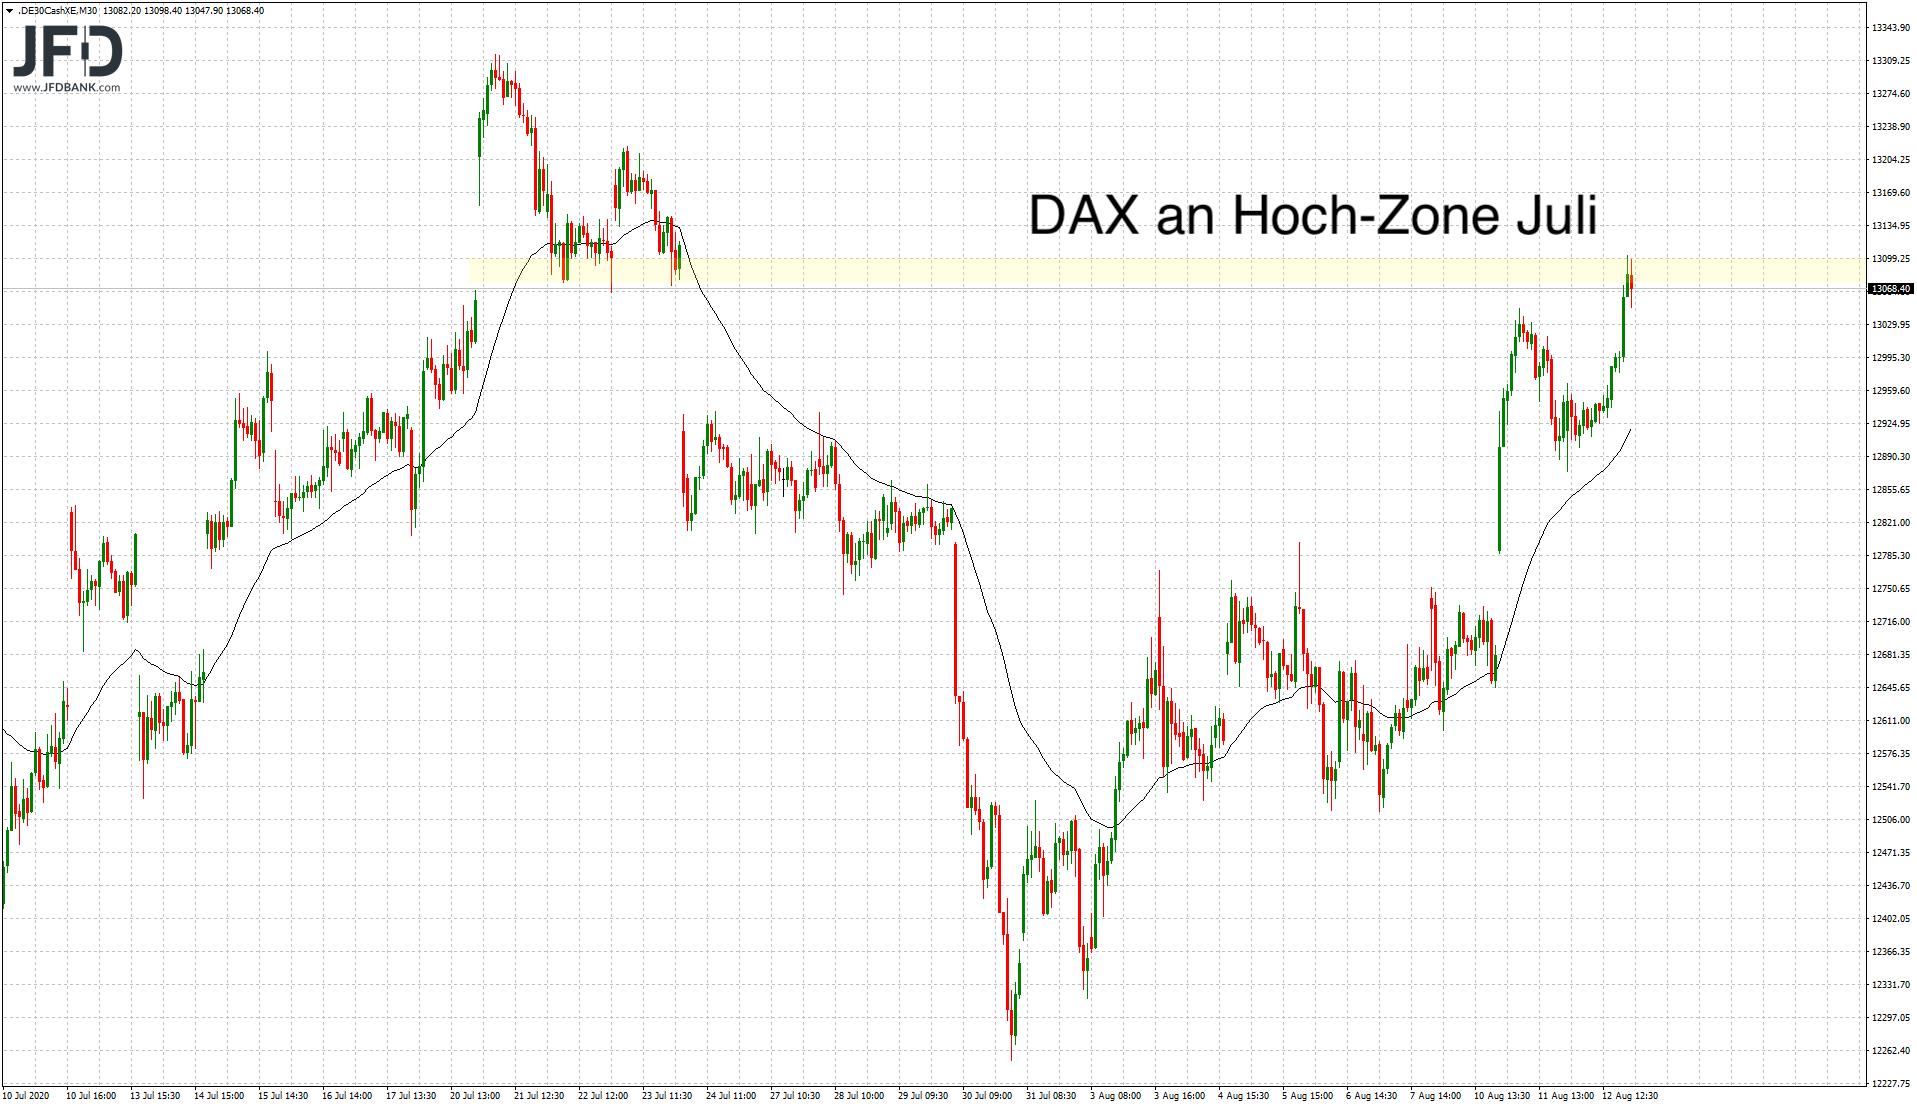 Juli-Zone im DAX erreicht